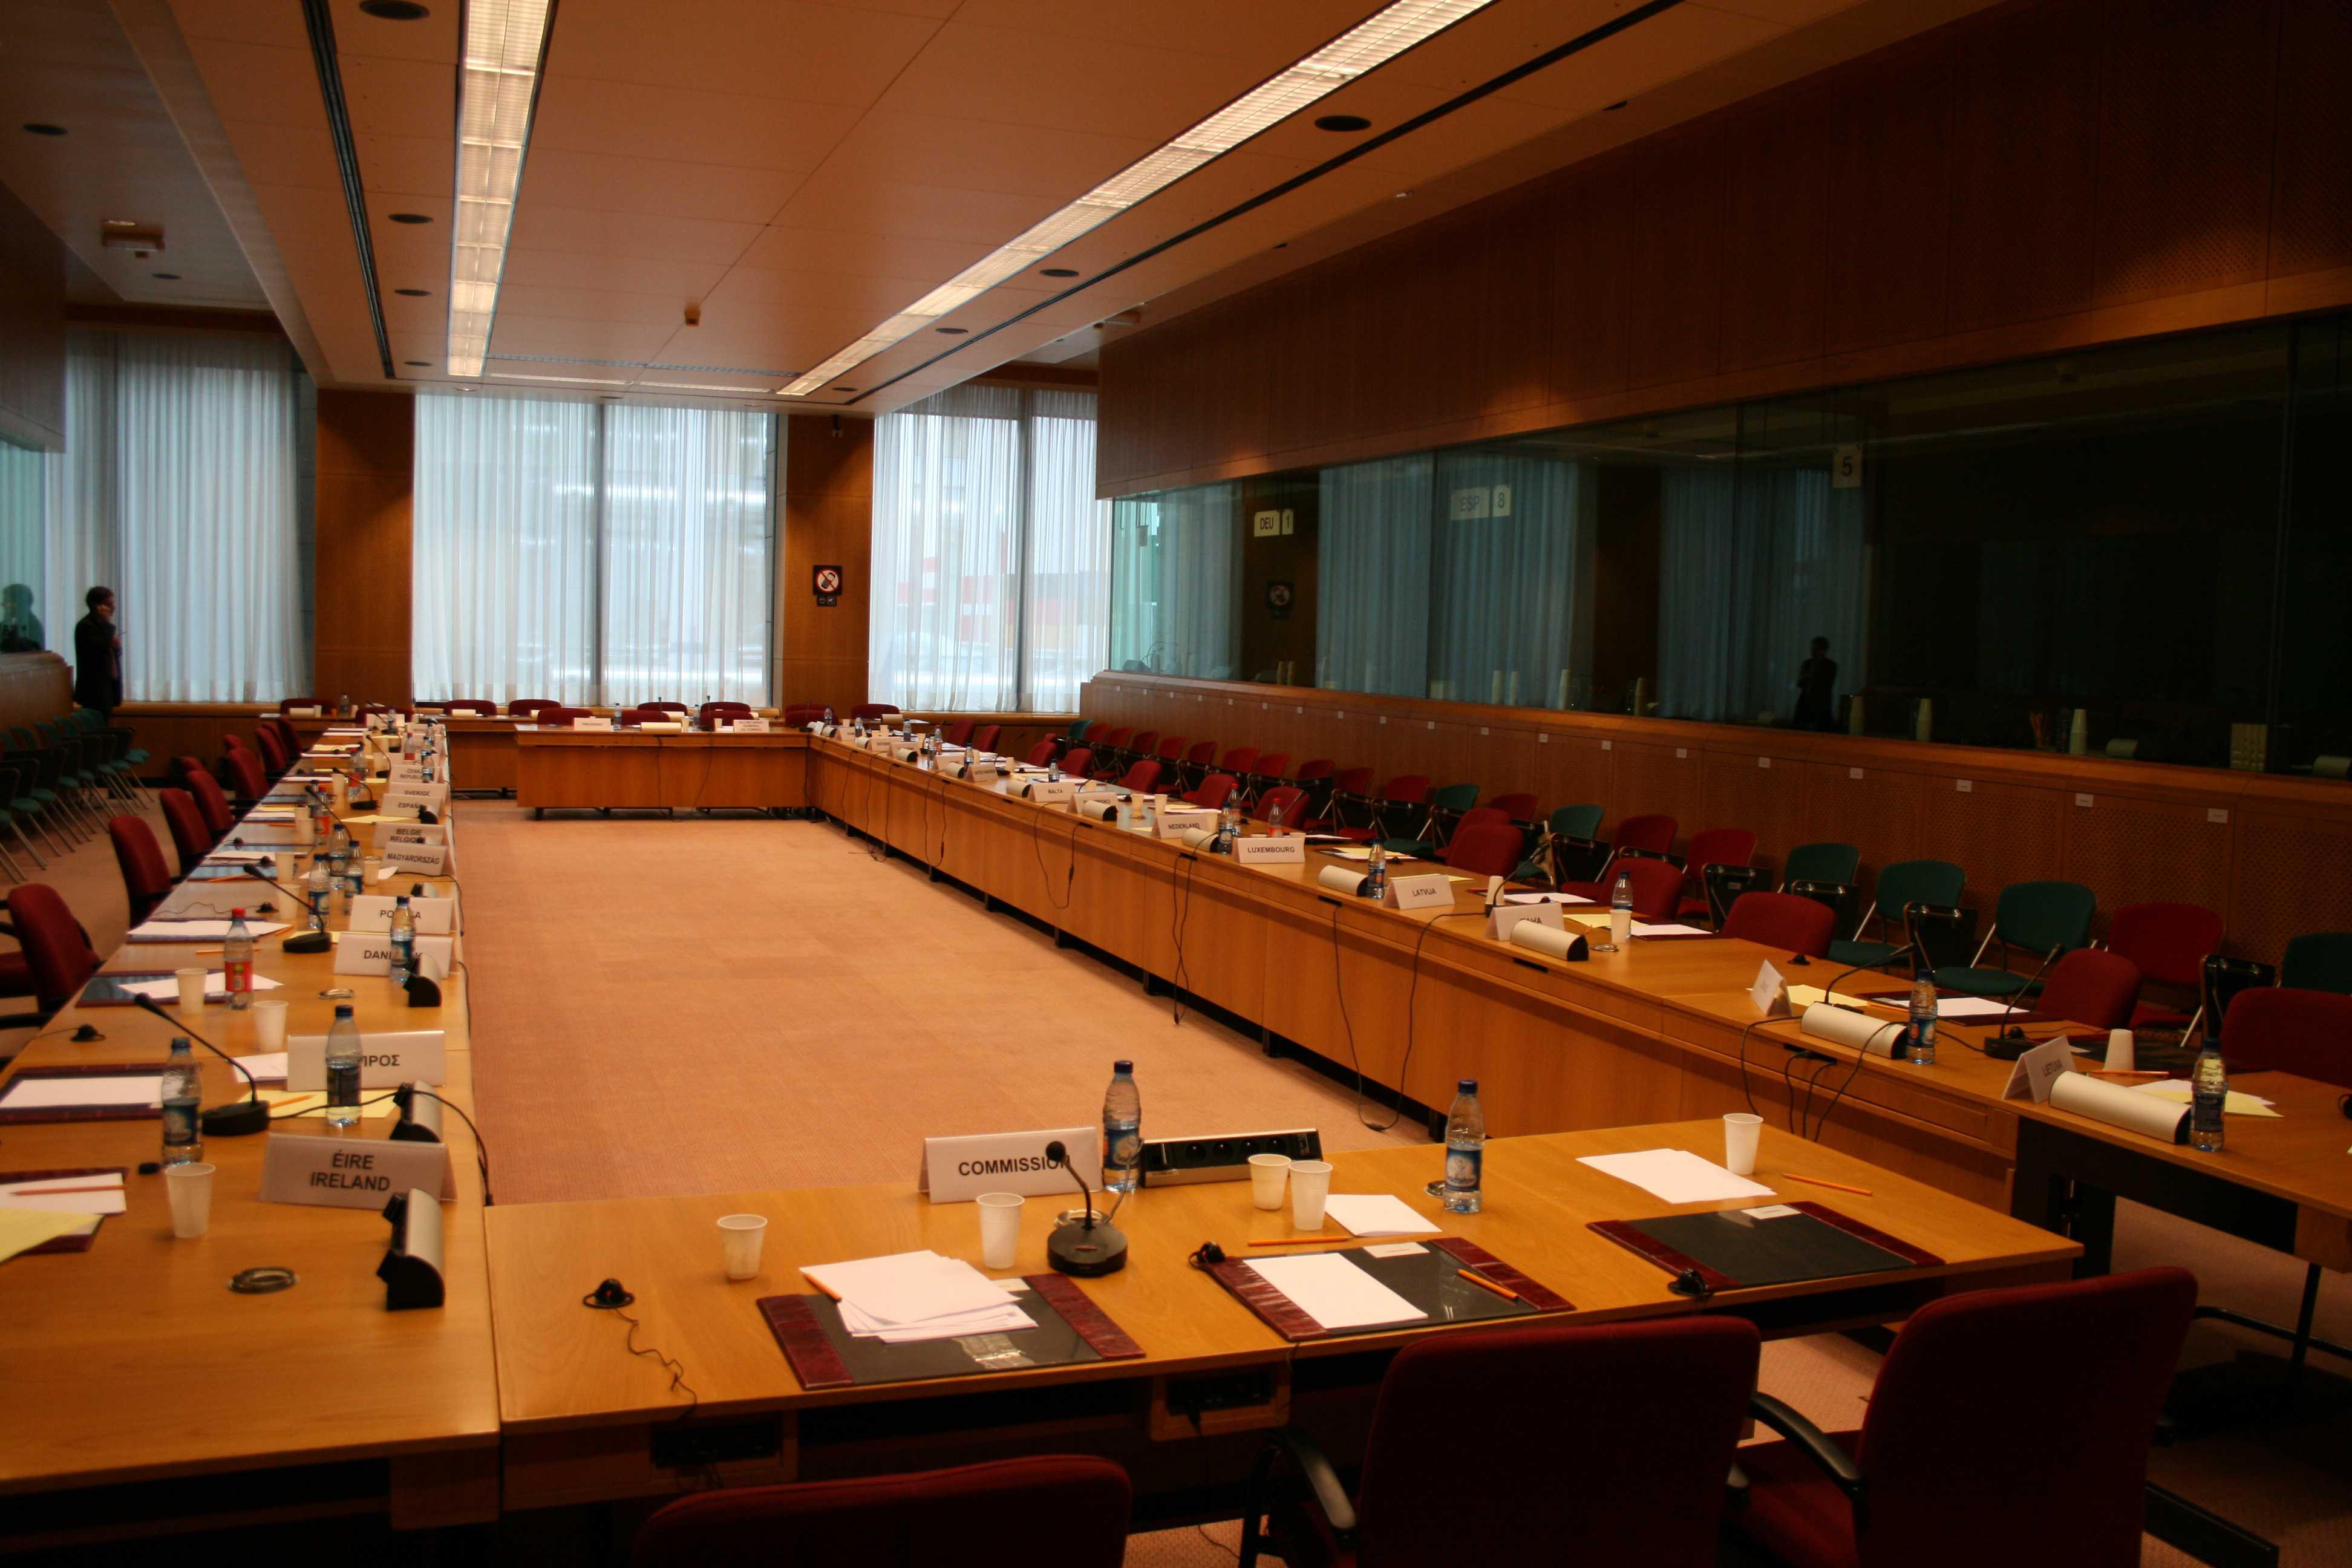 Hold møde i smukke og store mødelokaler